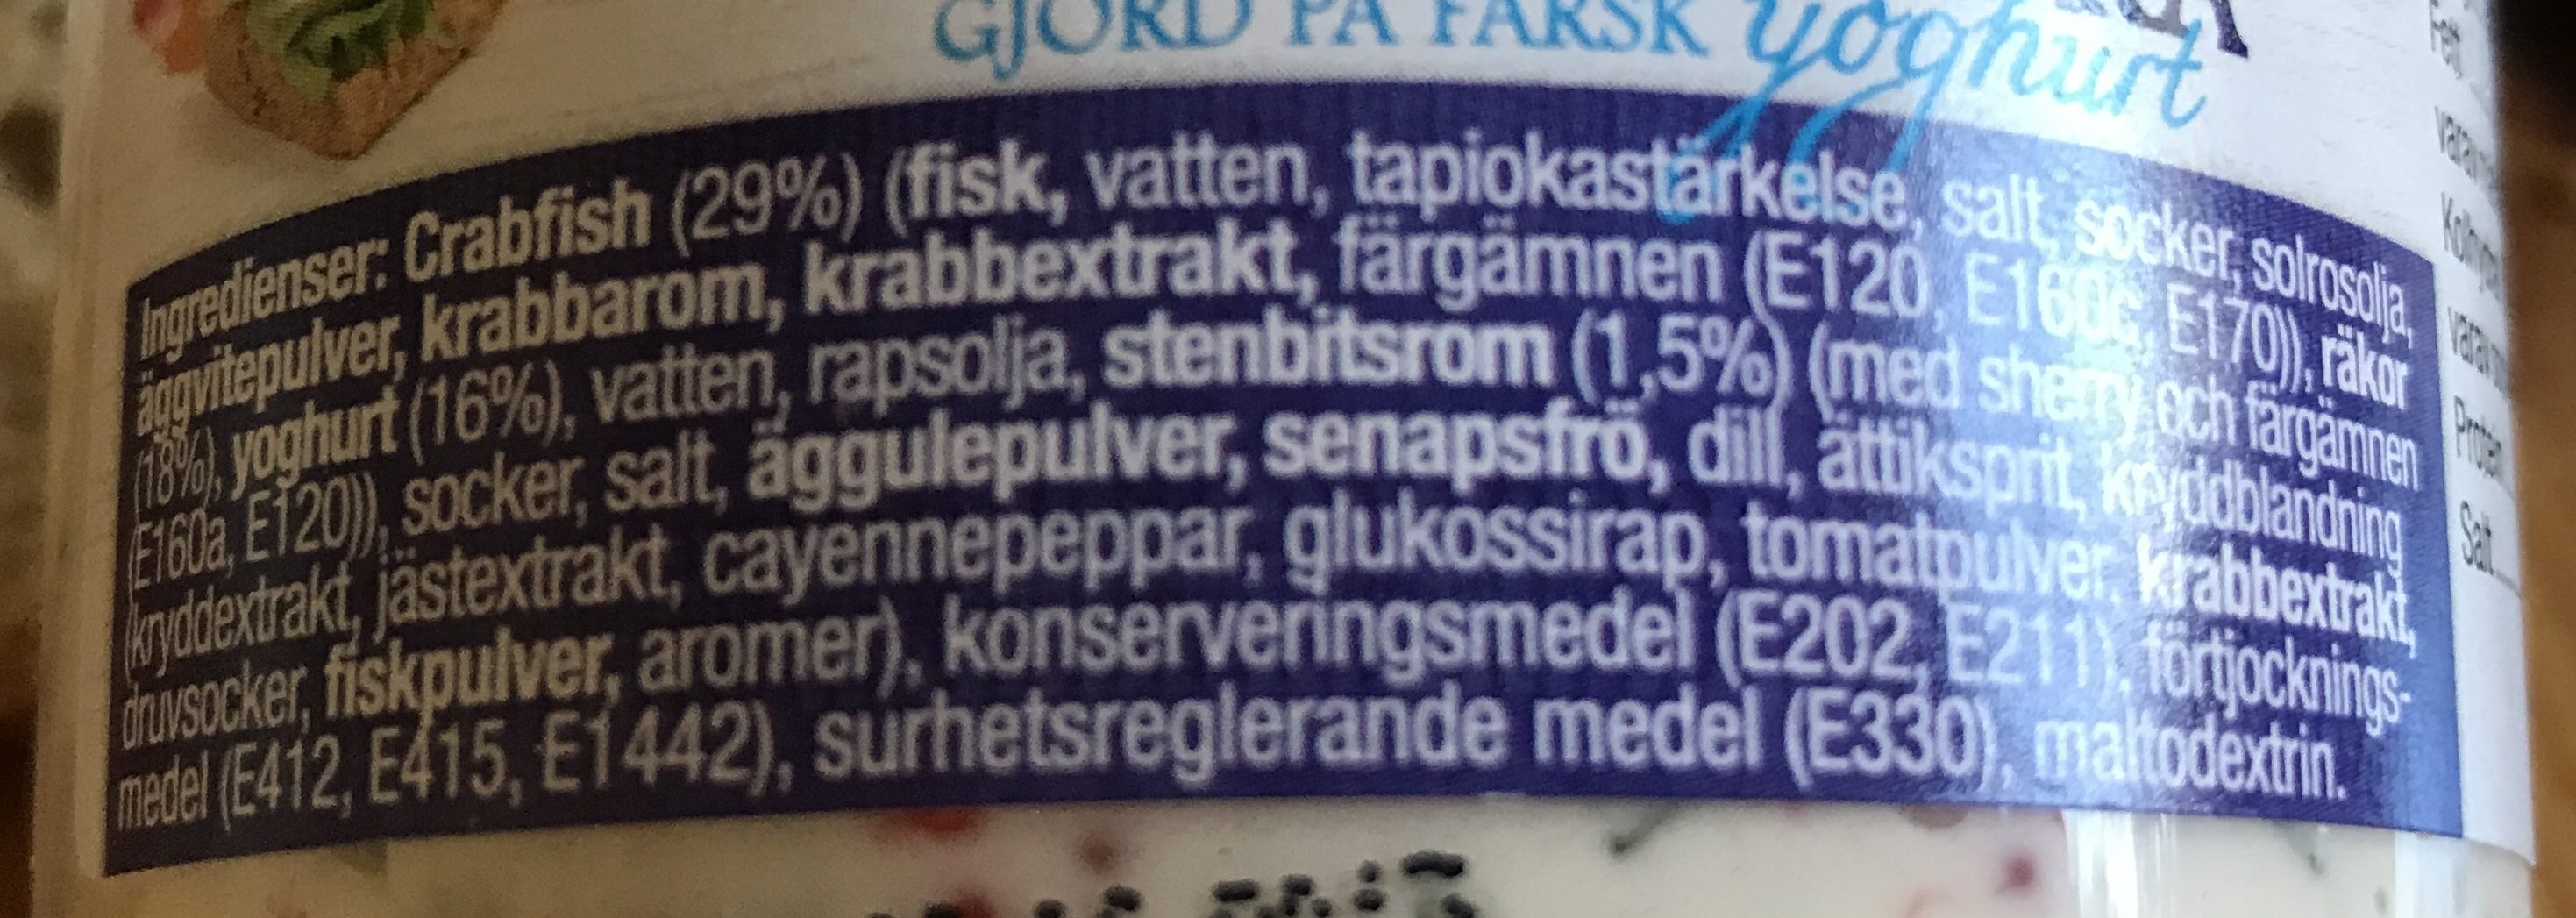 Skagenröra Yoghurt örneborgs - Ingrédients